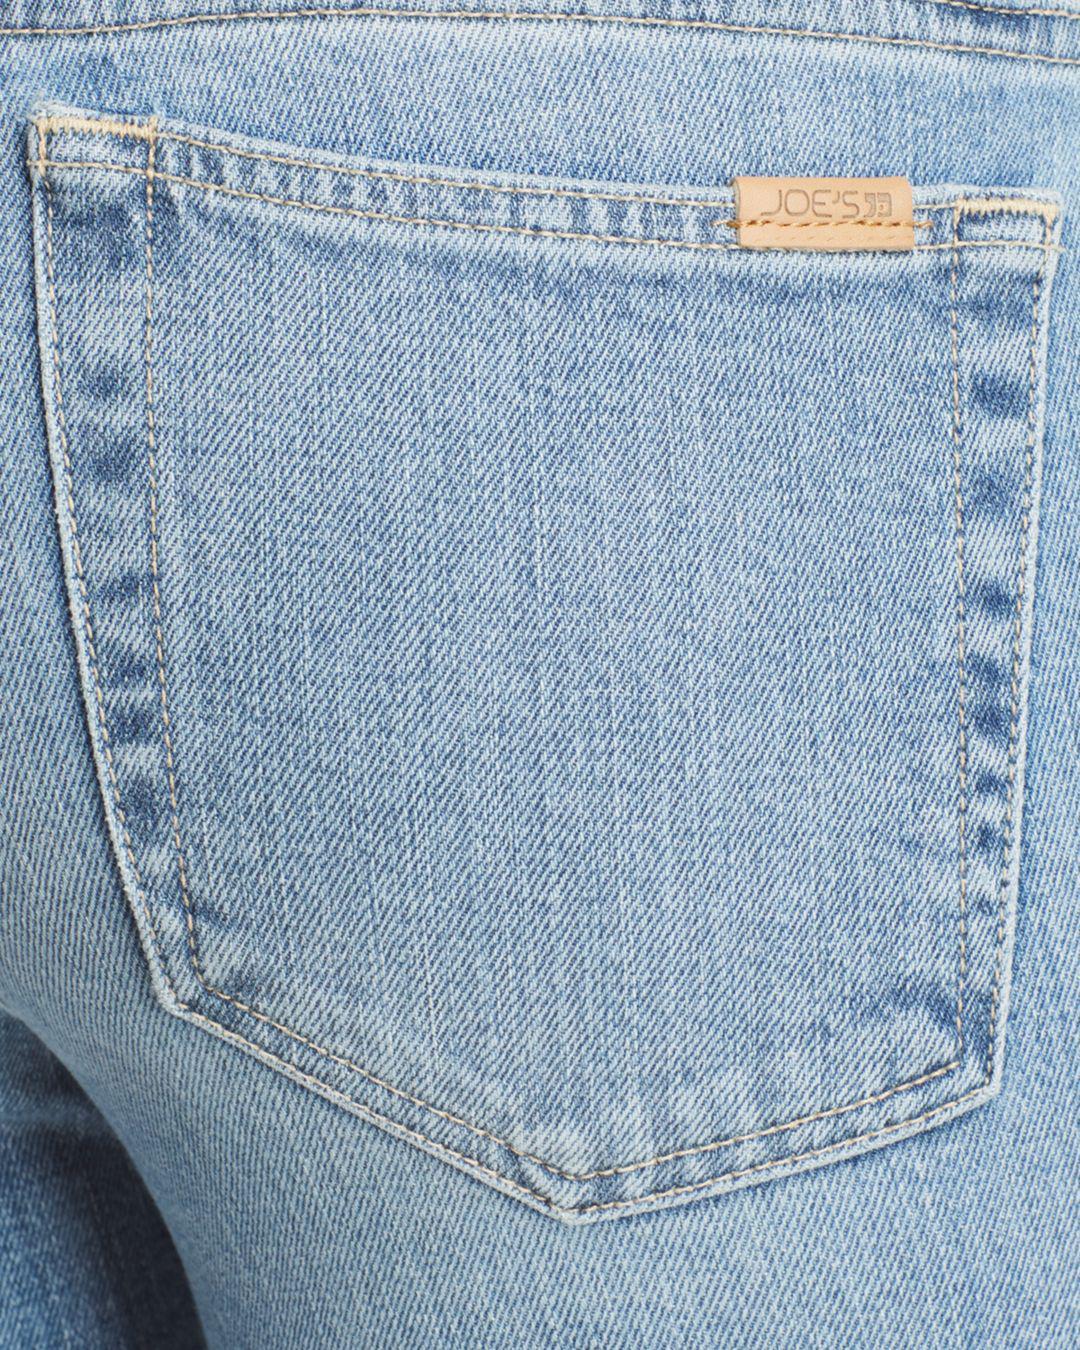 Joe's Jeans Denim The Vintage Icon Skinny Jeans In Sigourney in Blue